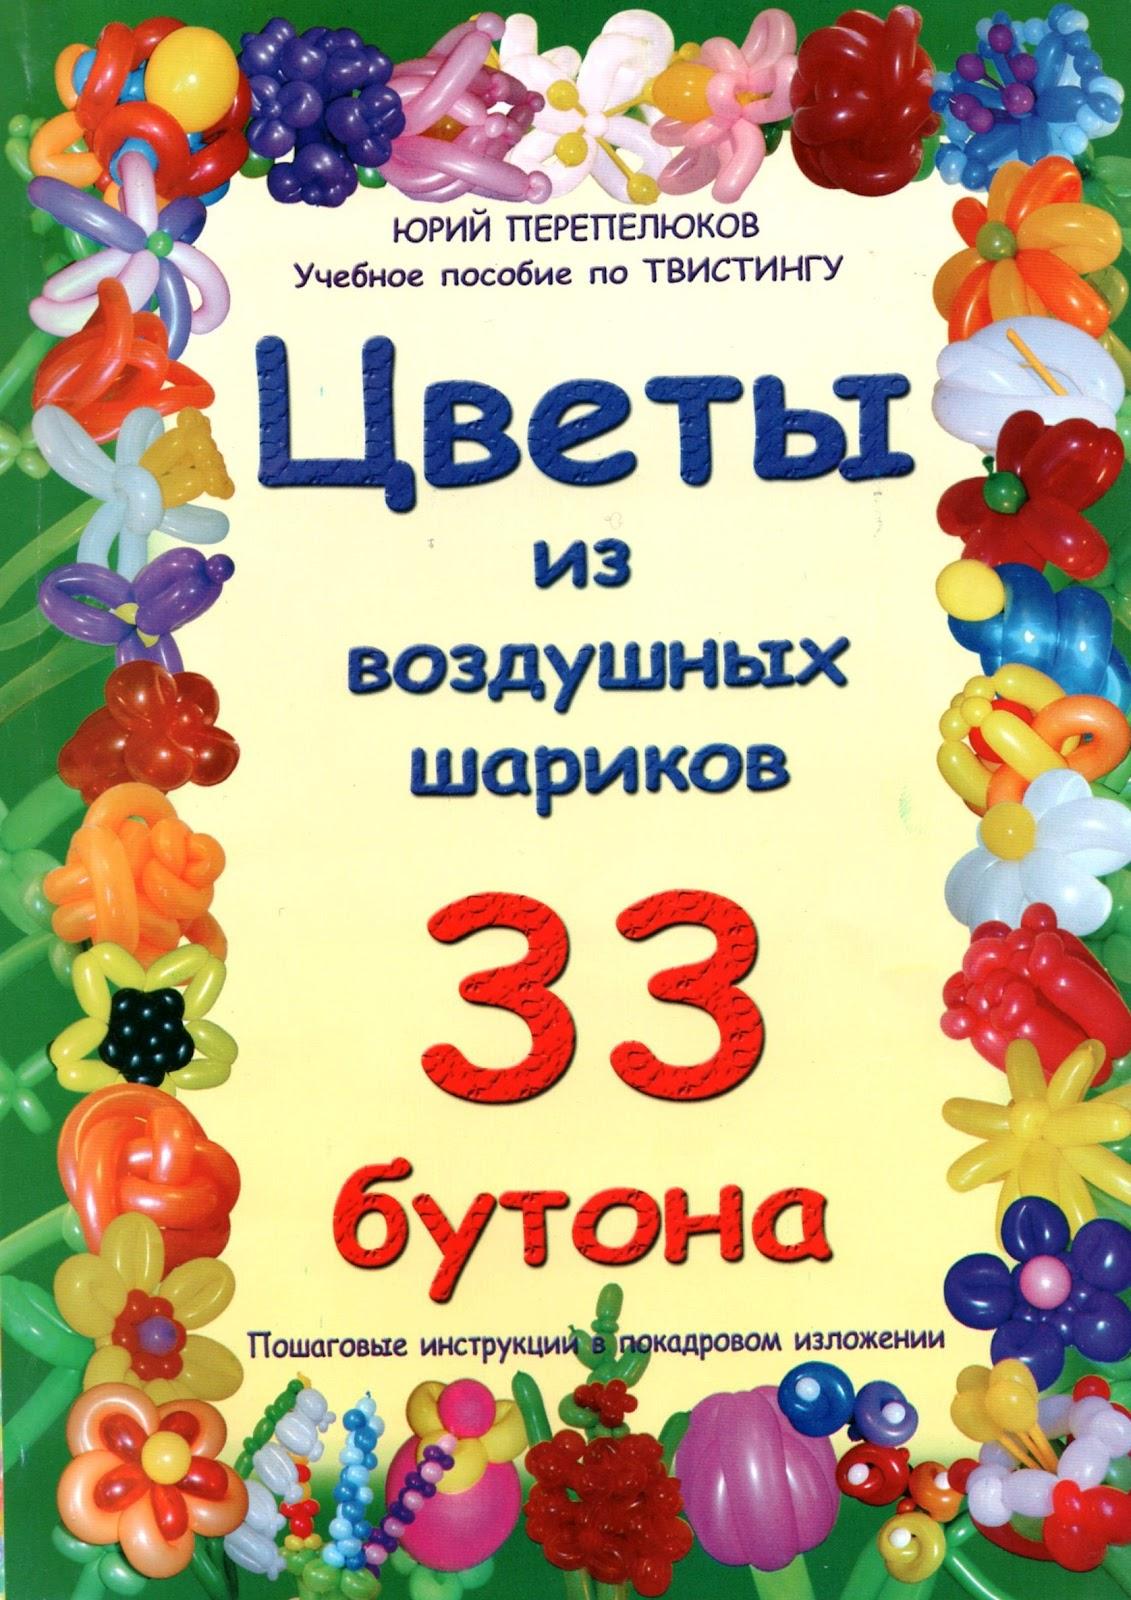 Счастливого дня рождения тебе на английском